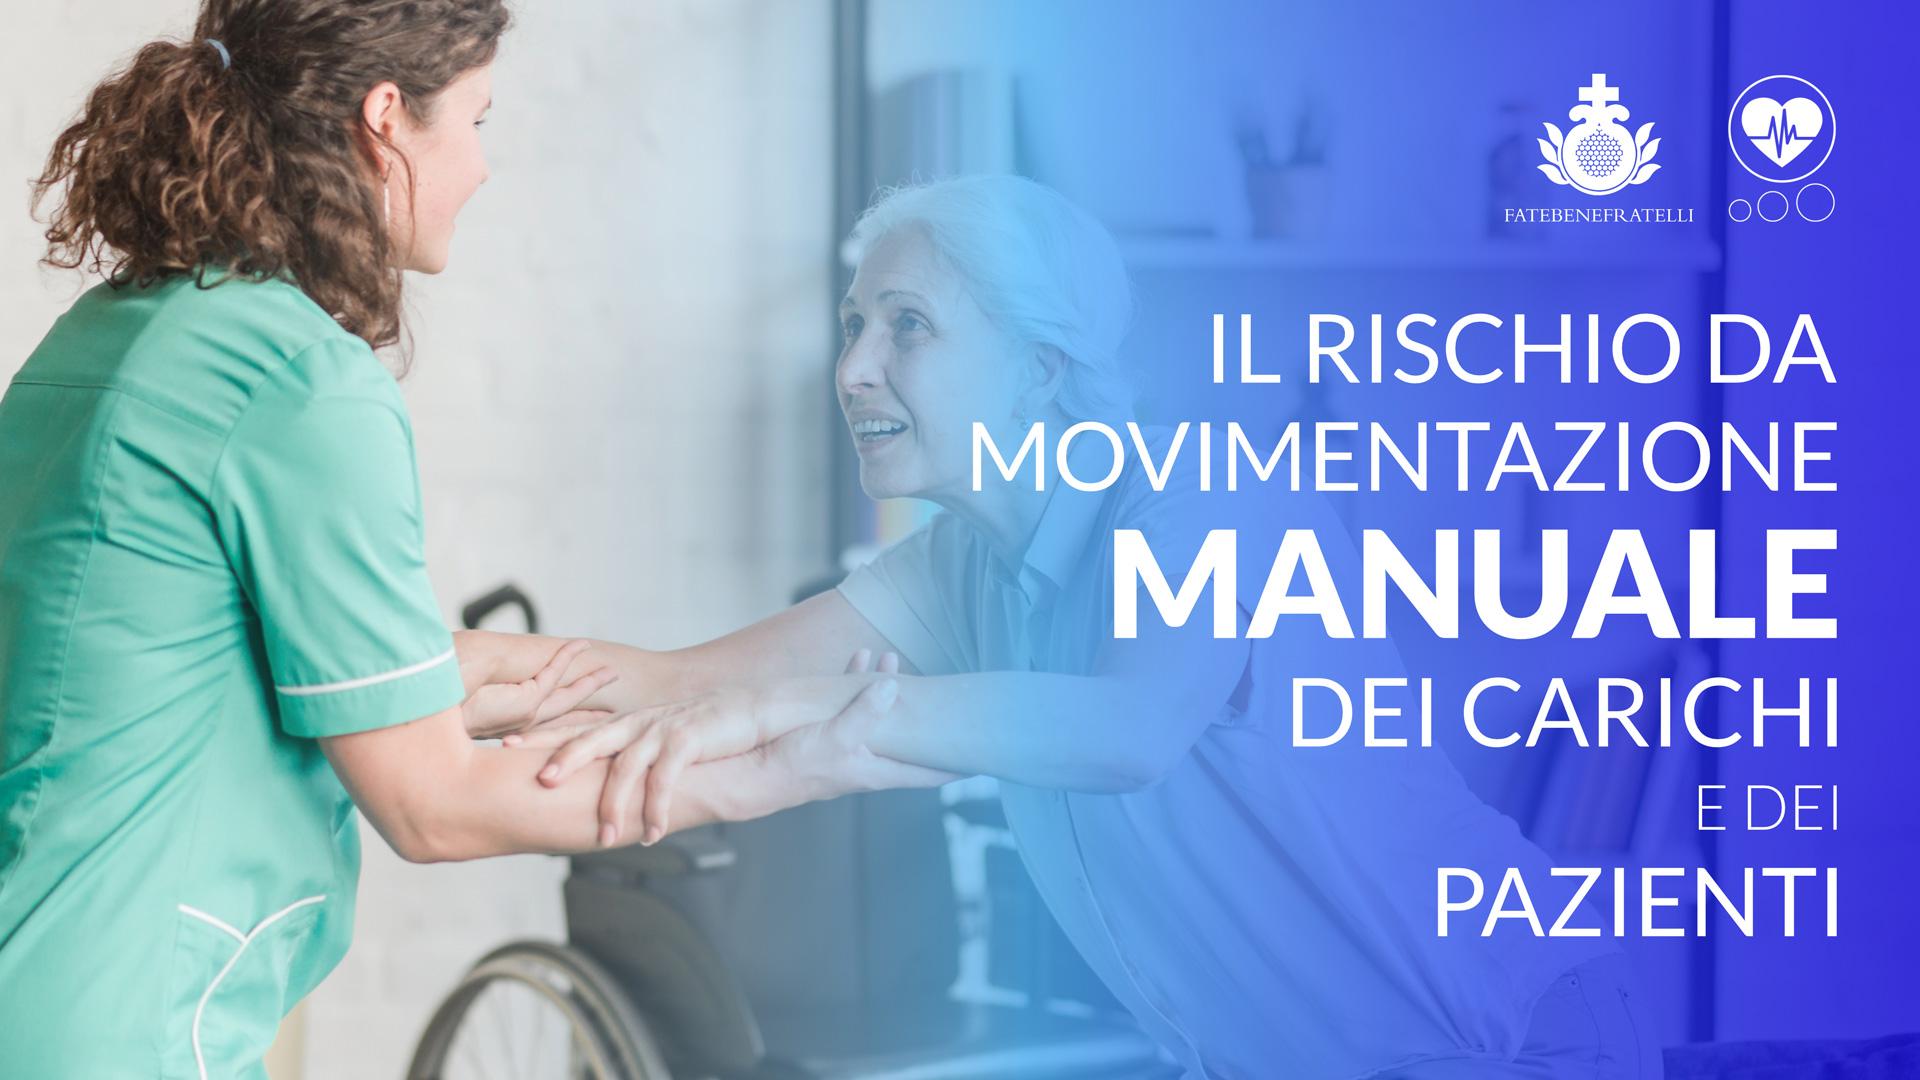 Il rischio da movimentazione manuale dei carichi e dei pazienti